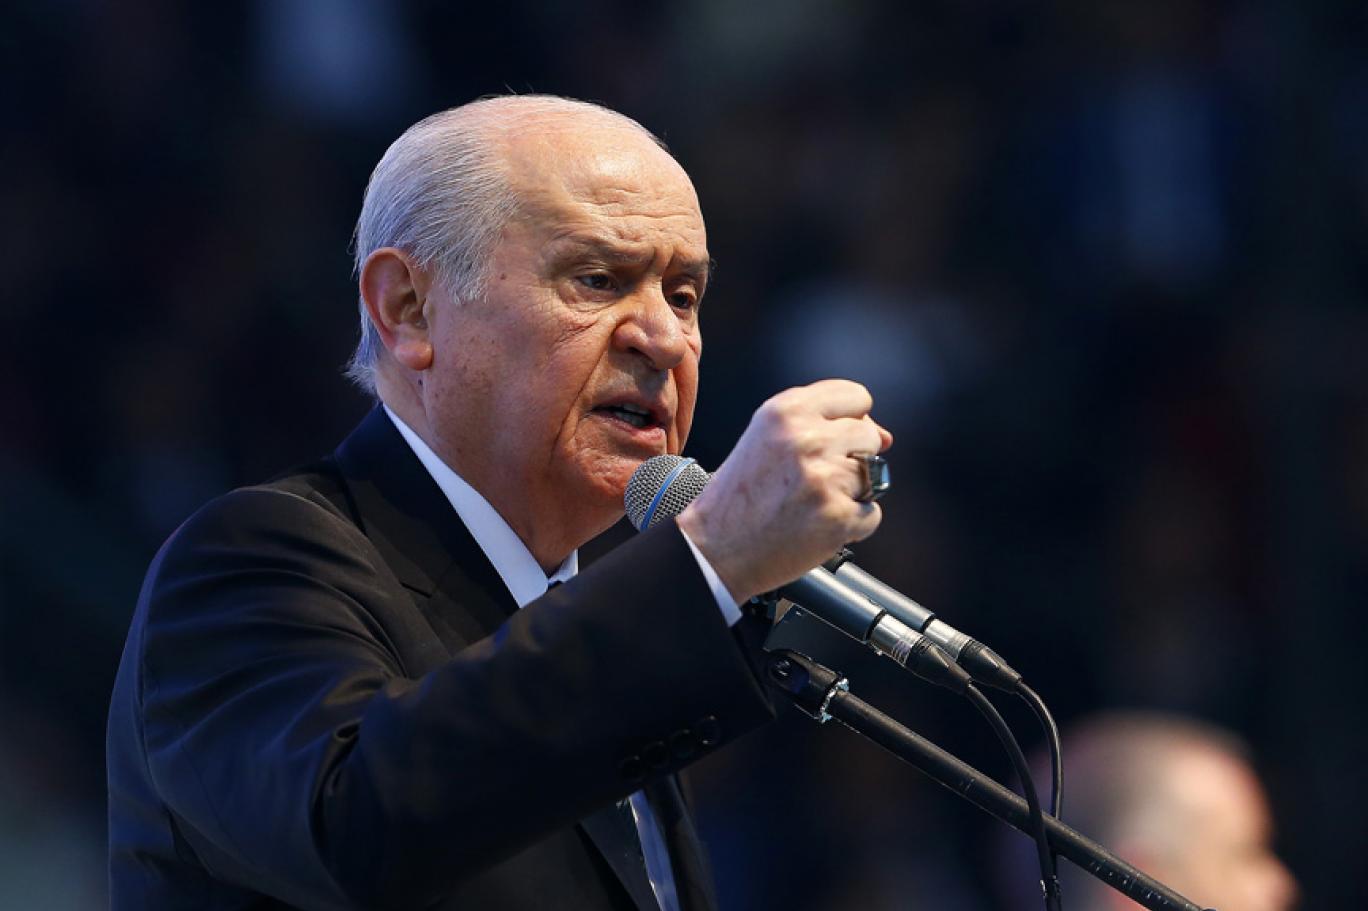 Devlet Bahçeli, Türkiye'de Kürt sorunu diye bir sorun yoktur dedi, Kılıçdaroğlu'nu ve Ünal Çeviköz'ü o sözlerle bombaladı